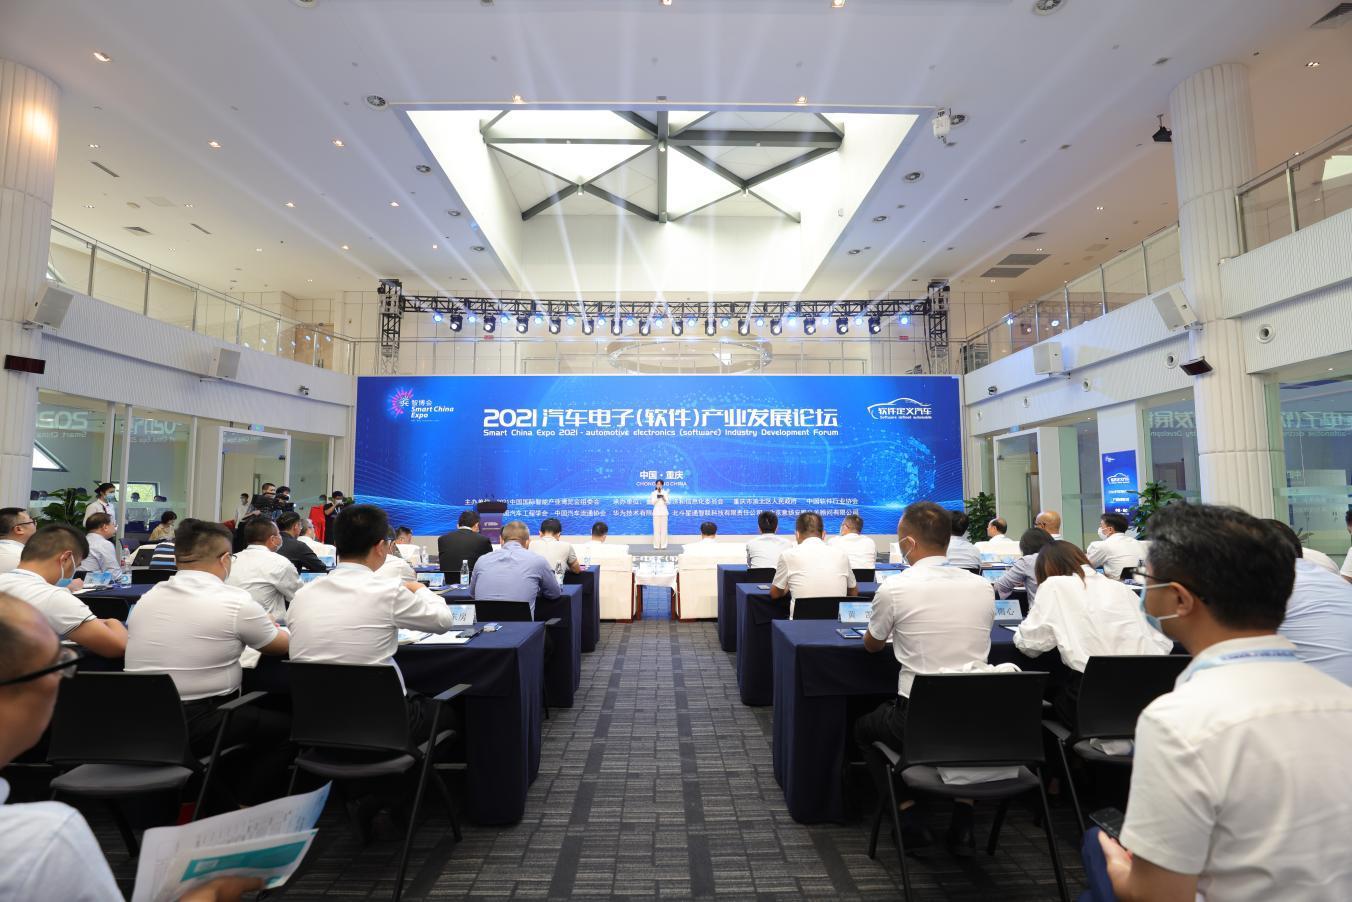 2021智博會汽車電子(軟件)產業發展論壇圓滿落幕